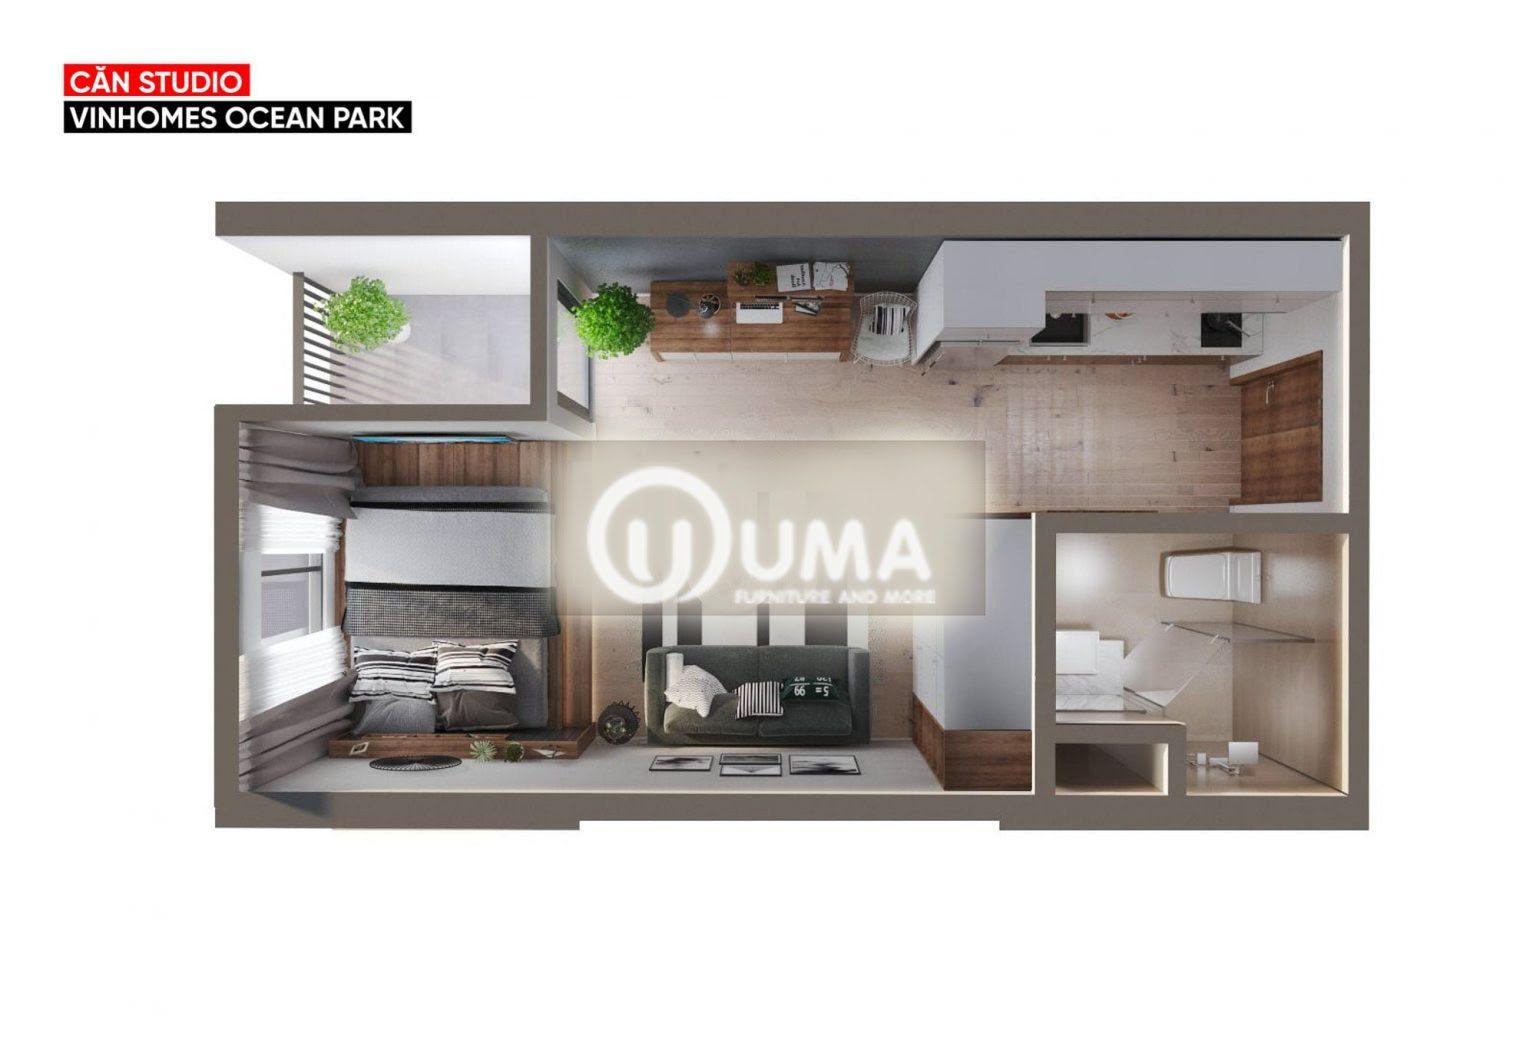 Hình ảnh tổng quan của cả không gian căn hộ chỉ 40m2 cho 1 phòng ngủ